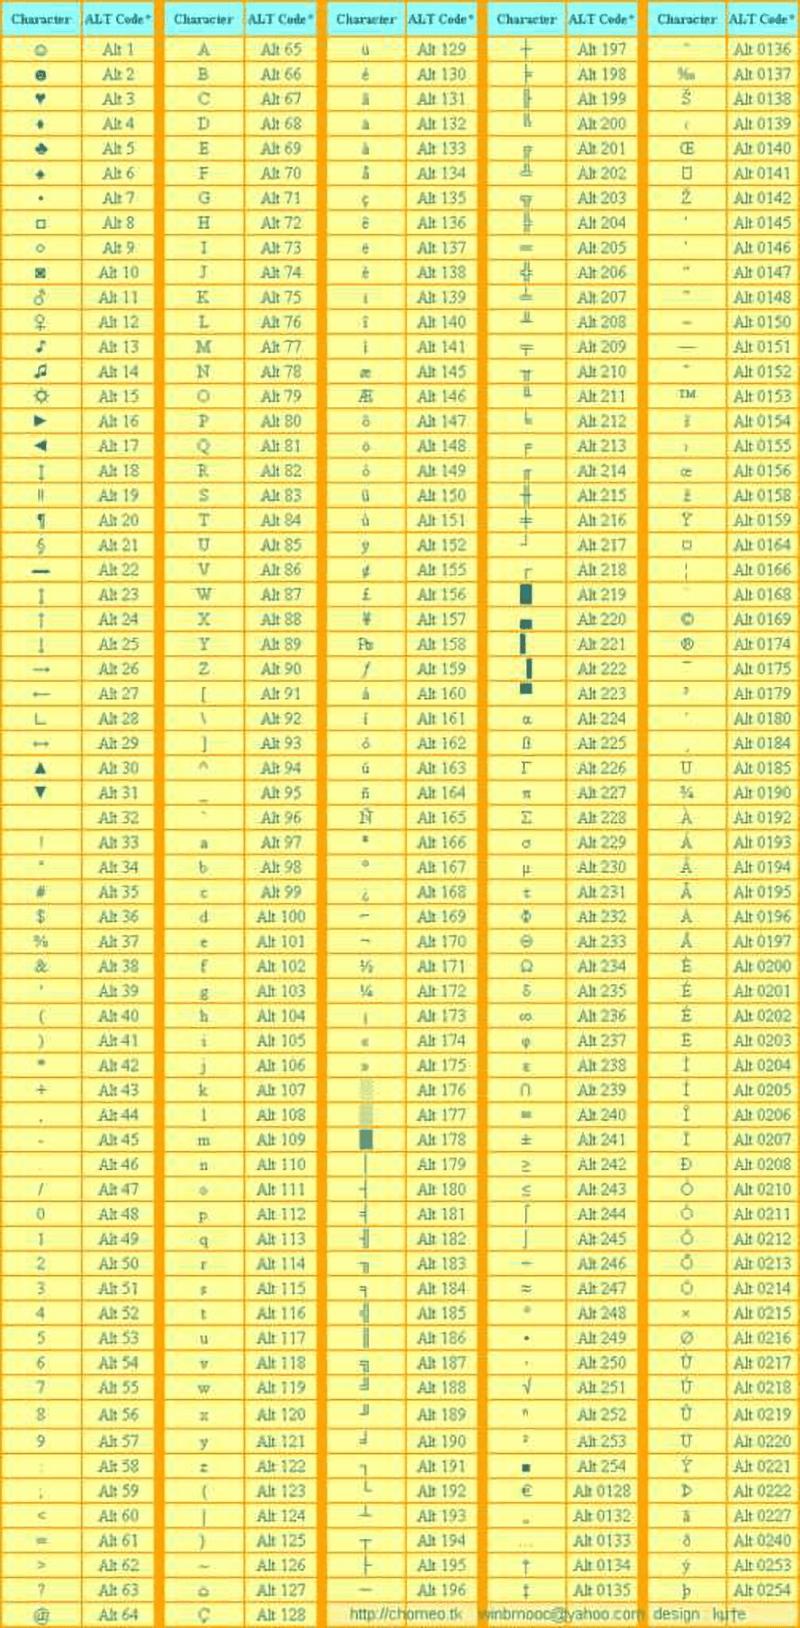 Cách 1: Sử dụng bảng ký tự đặc biệt với tổ hợp Alt + số